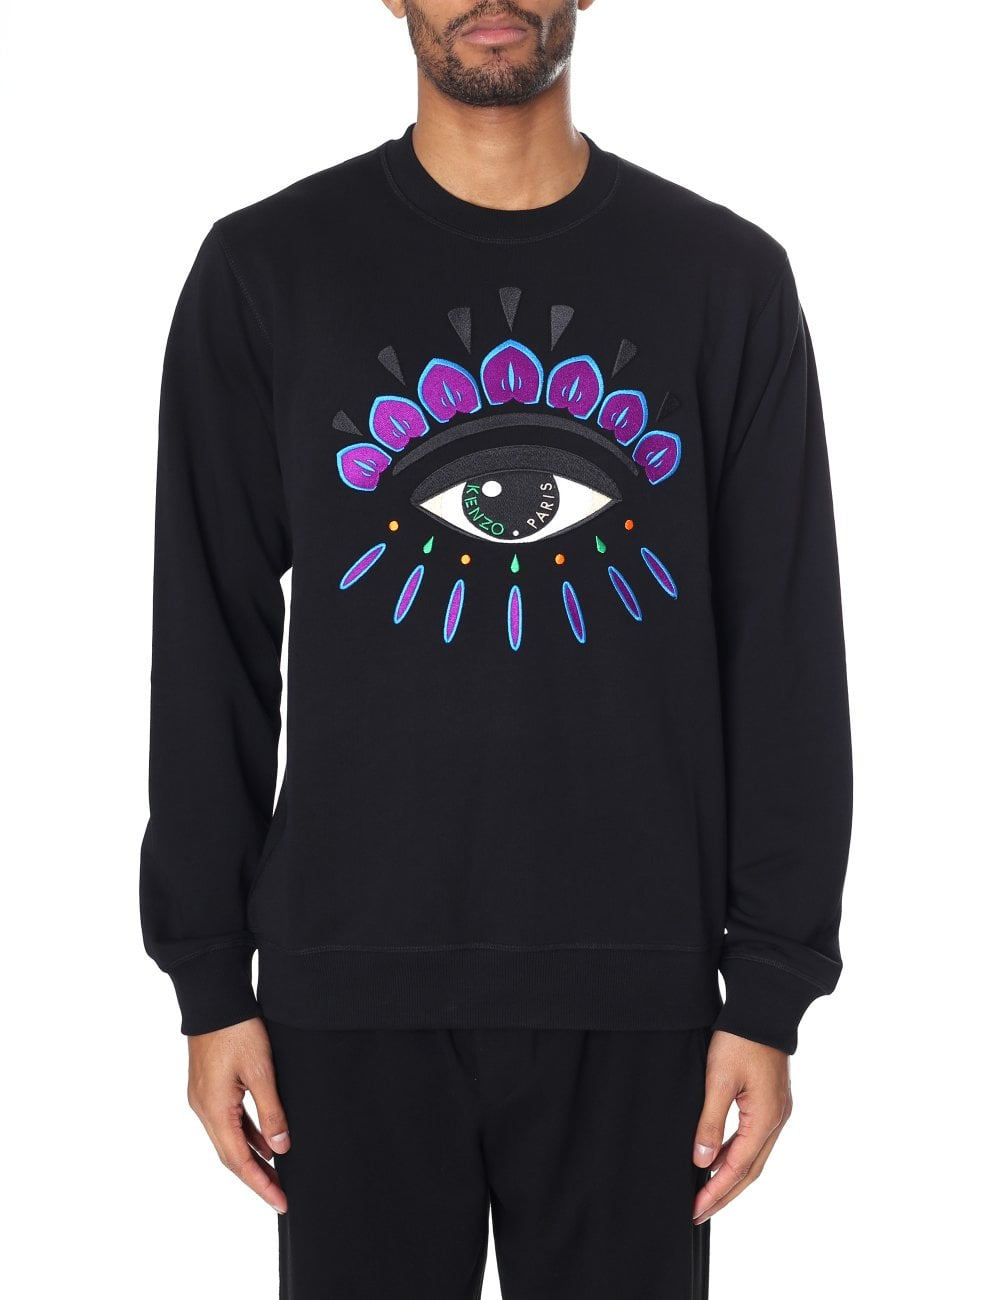 4cc3ee5c59ae Kenzo Men's Eye Sweatshirt